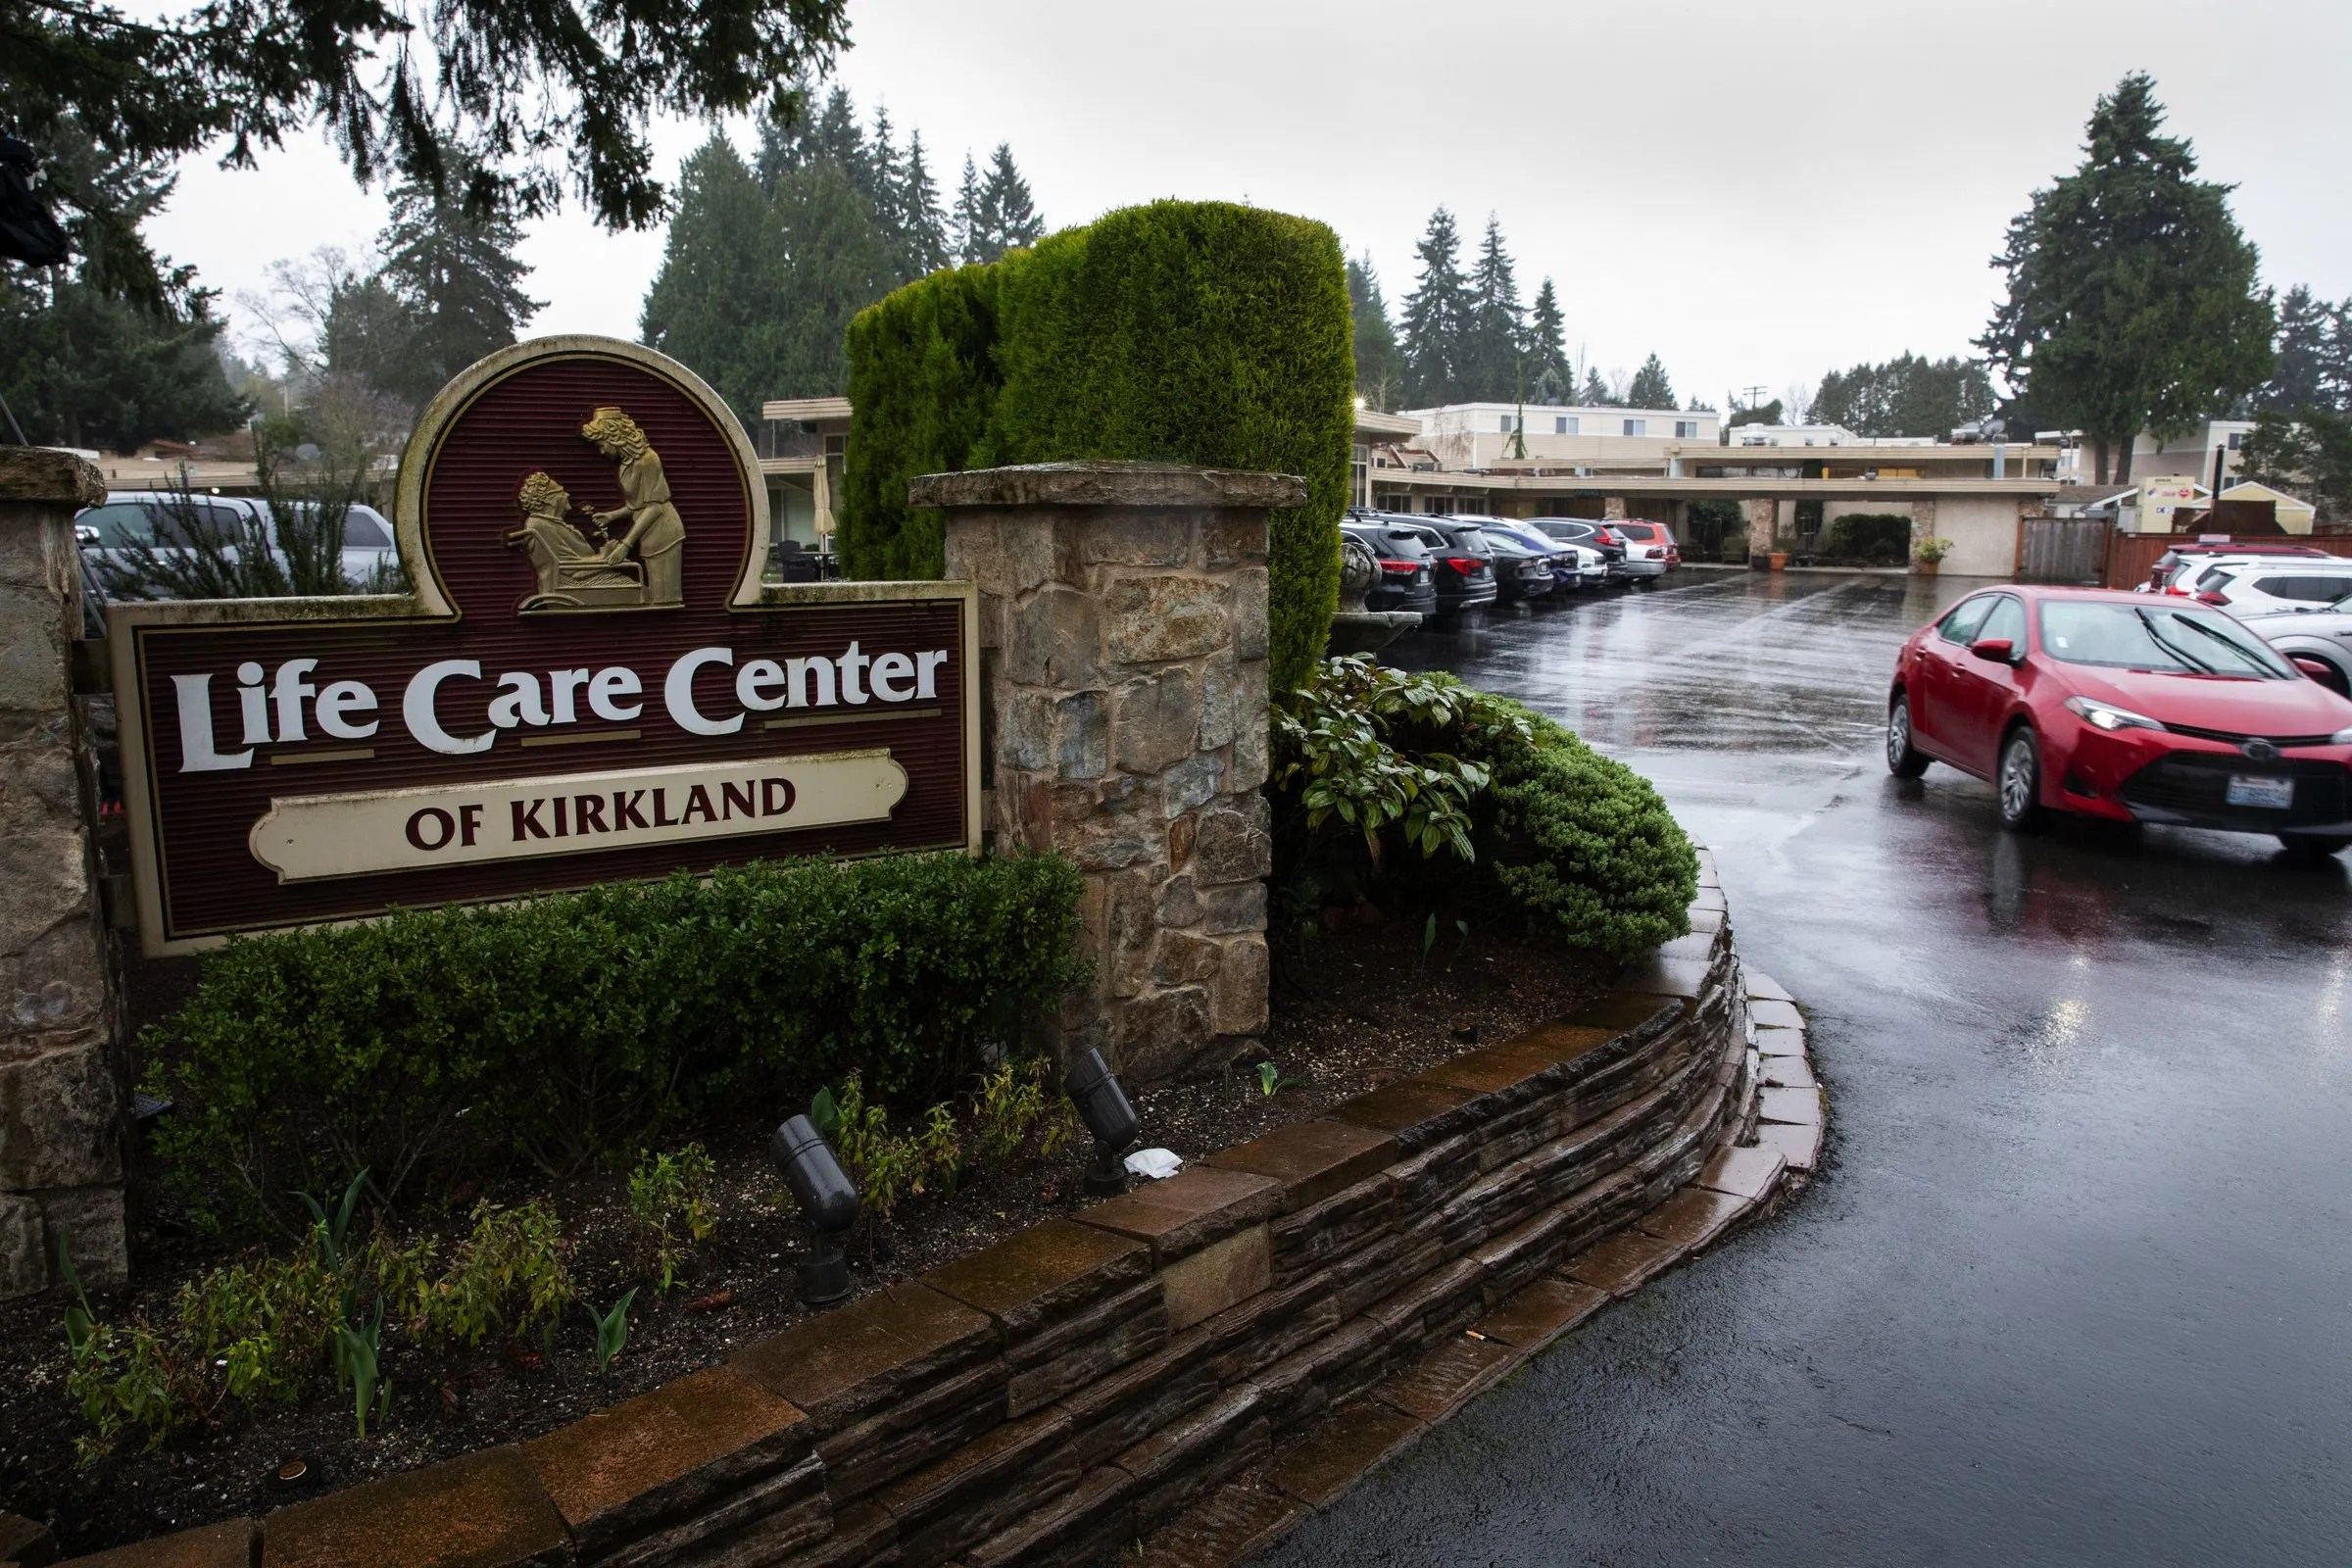 Thêm 3 người chết tại bang Washington - Thiên Hạ Sự 2018 on Life Care Center Of Kirkland id=50671